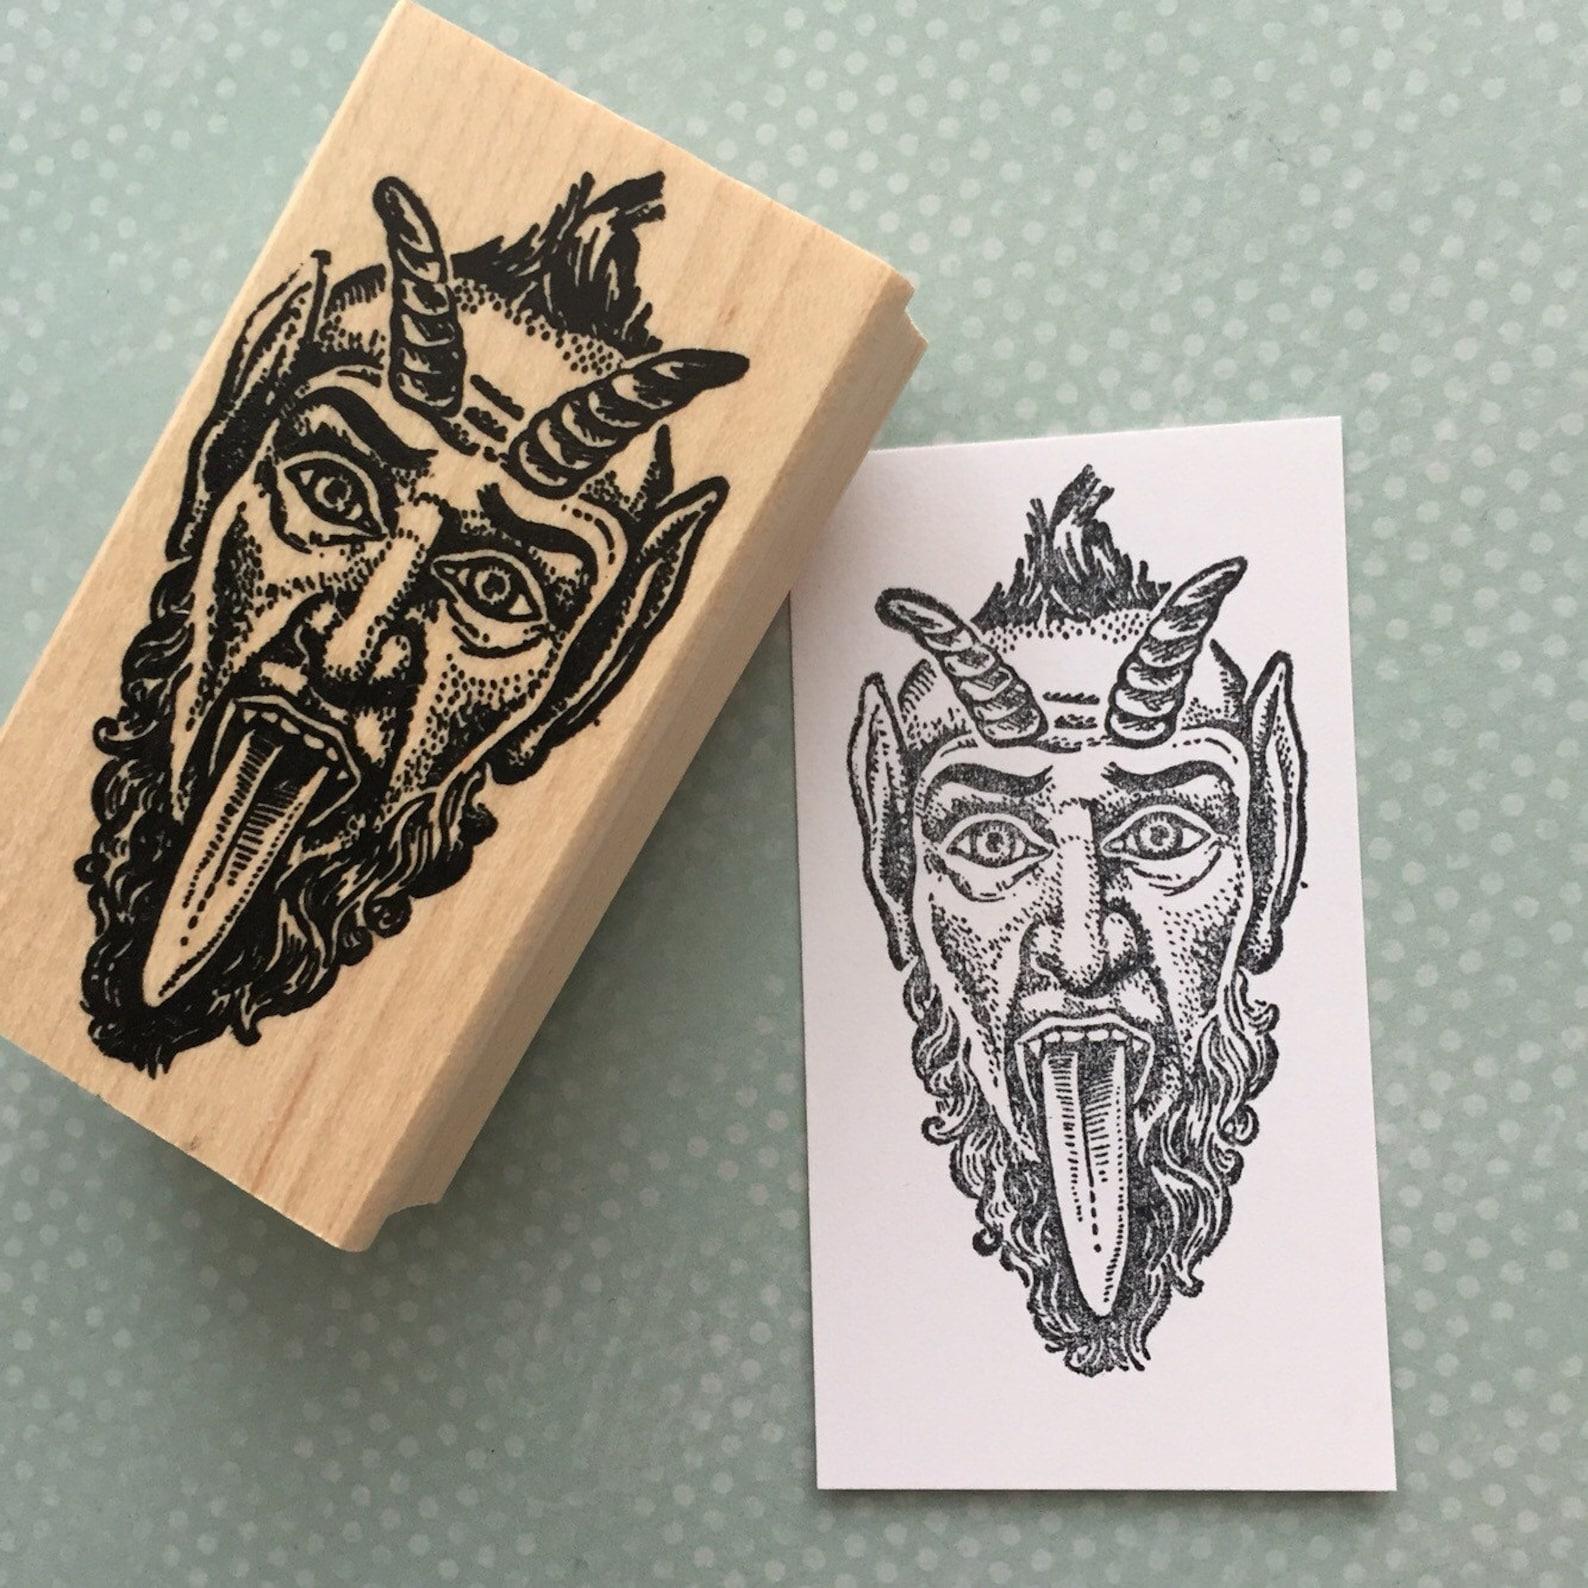 KRampus wood mounted Rubber Stamp